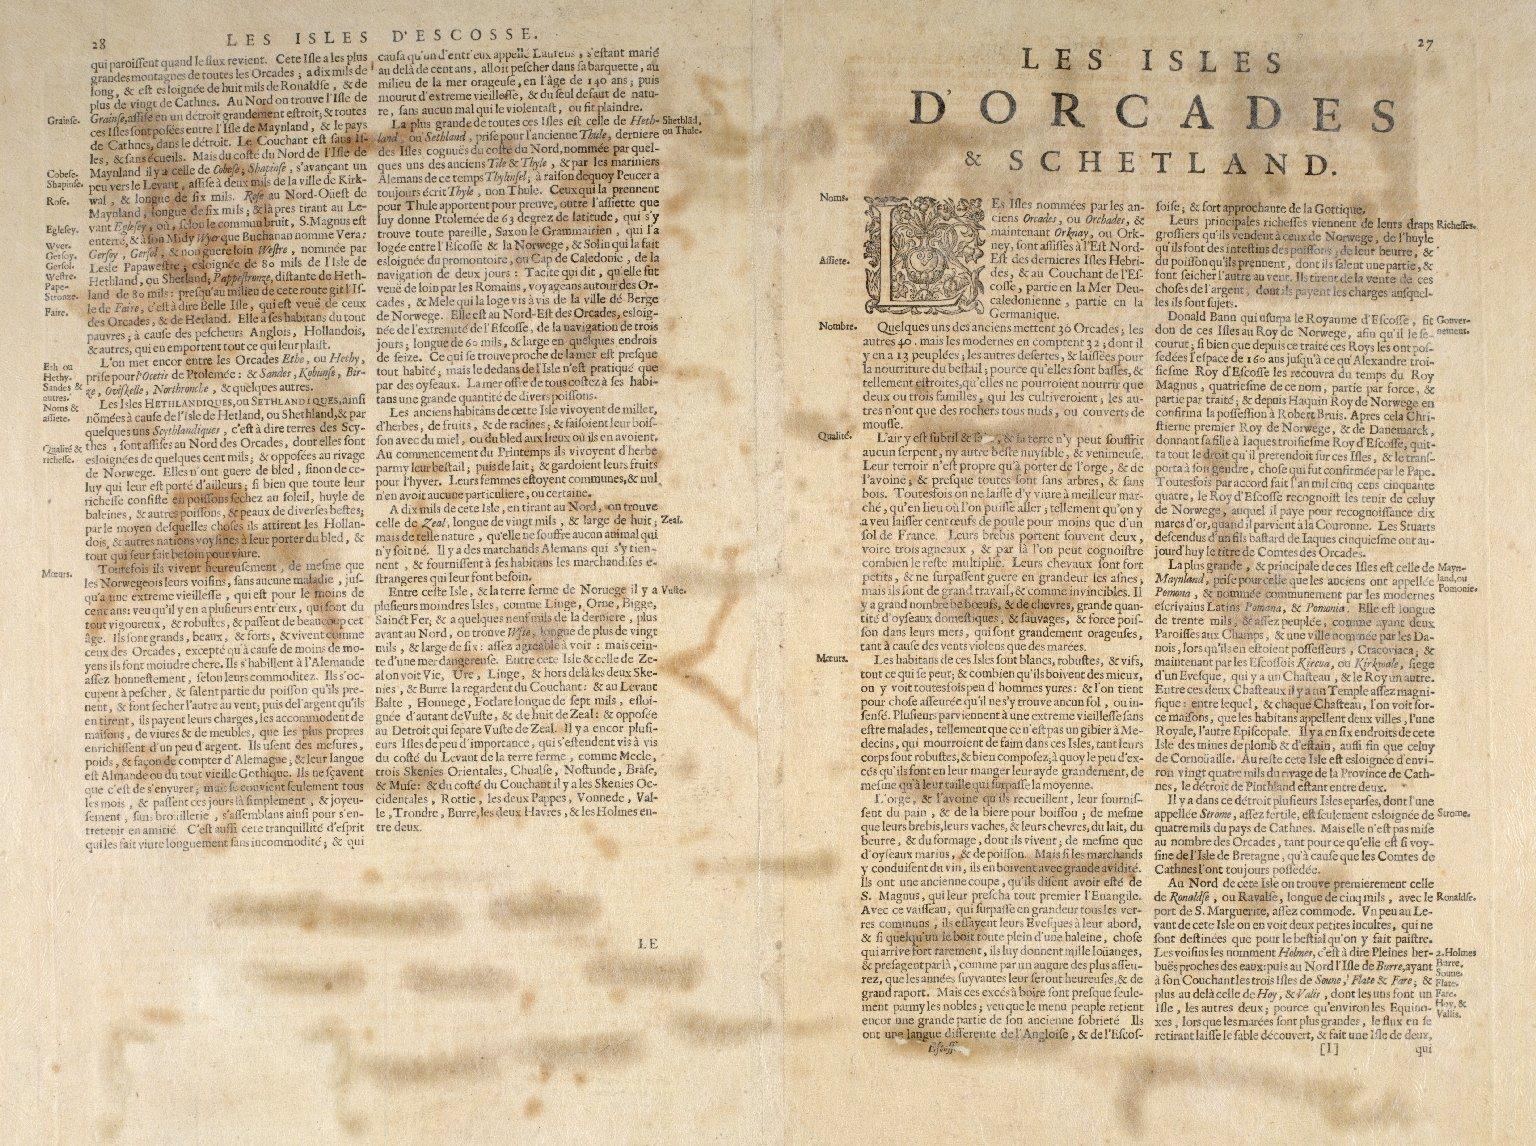 Orcadum et Shetlandiae insularum accuratissima descriptio. [2 of 2]